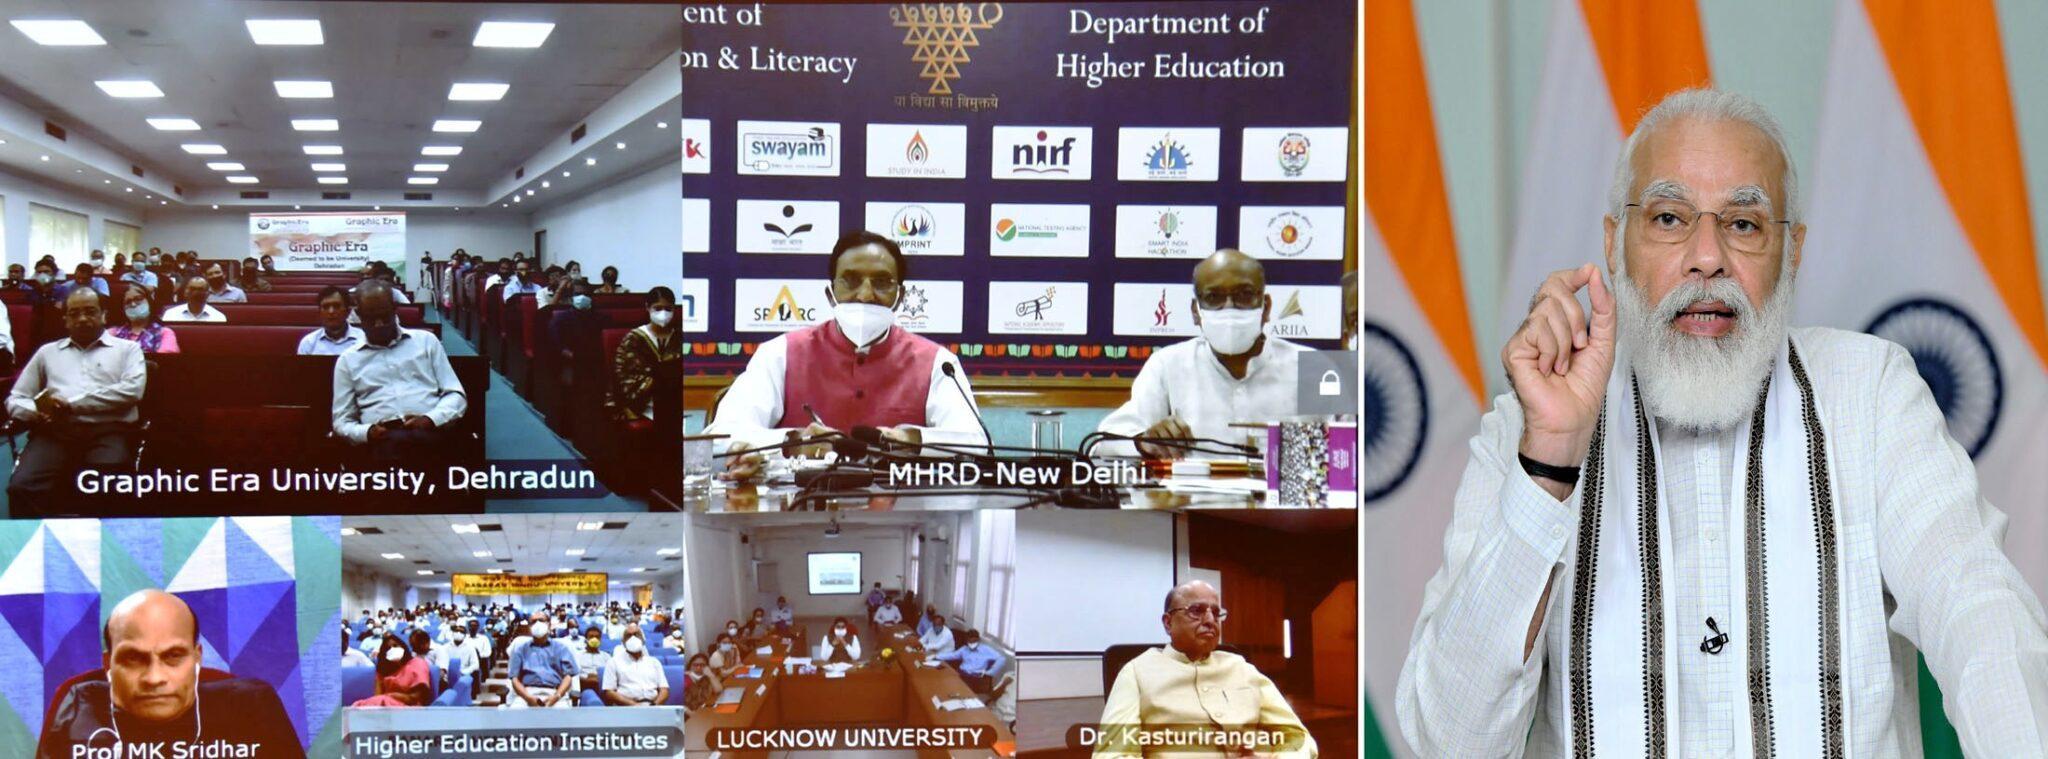 राष्ट्रीय शिक्षा नीति का लक्ष्य वर्तमान और आनेवाली पीढ़ियों को भविष्य के लिए तैयार करना है: प्रधानमंत्री